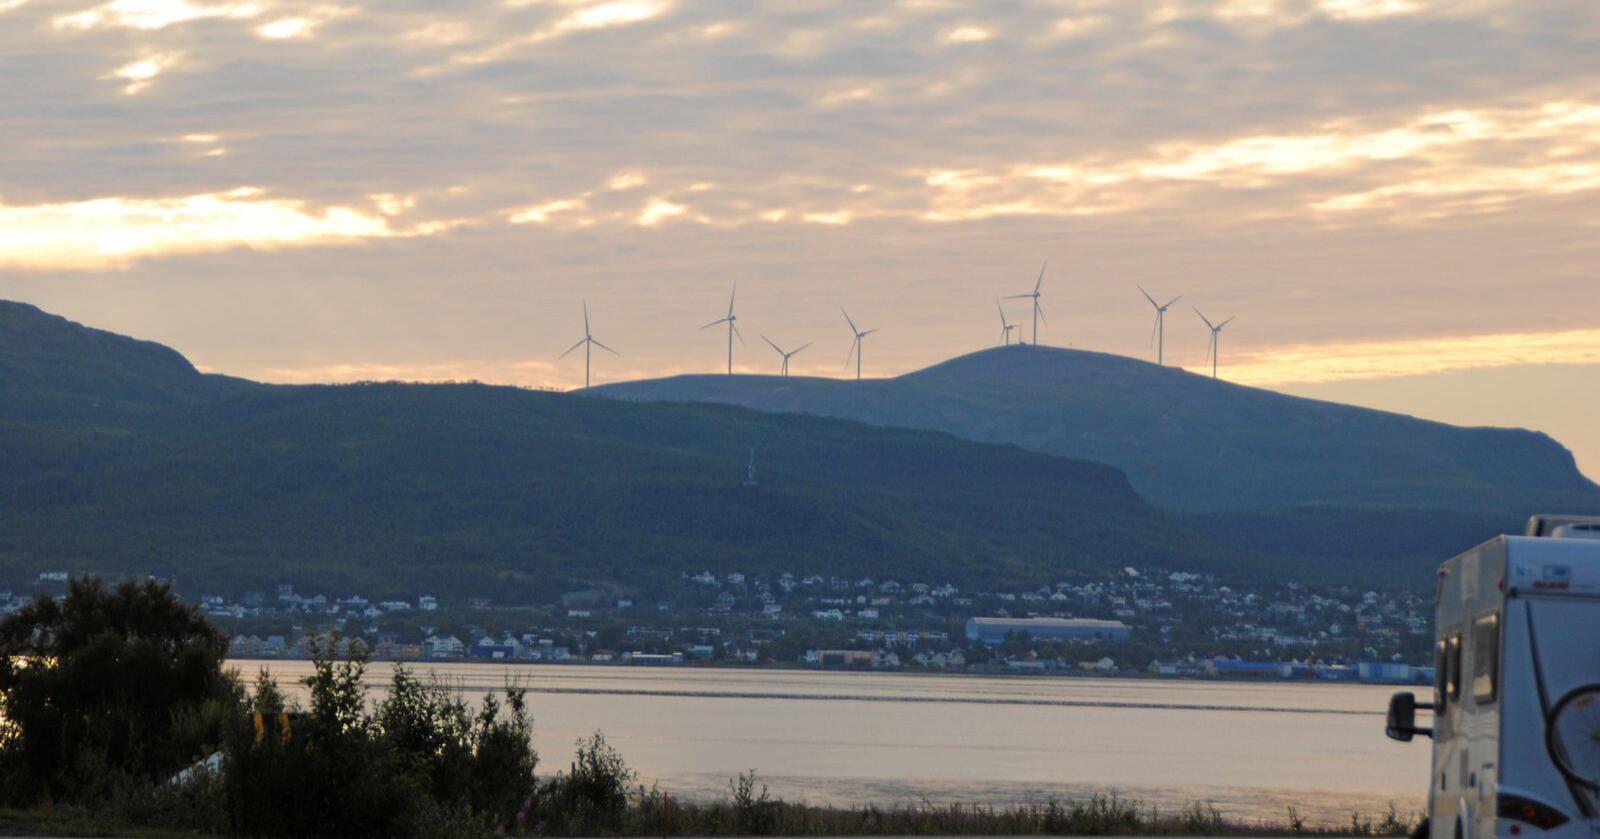 Norges Televisjon (NTV) fortviler over å ikke bli lyttet til i vindkraftsaker. Illustrasjonsfoto: Lars Bilit Hagen